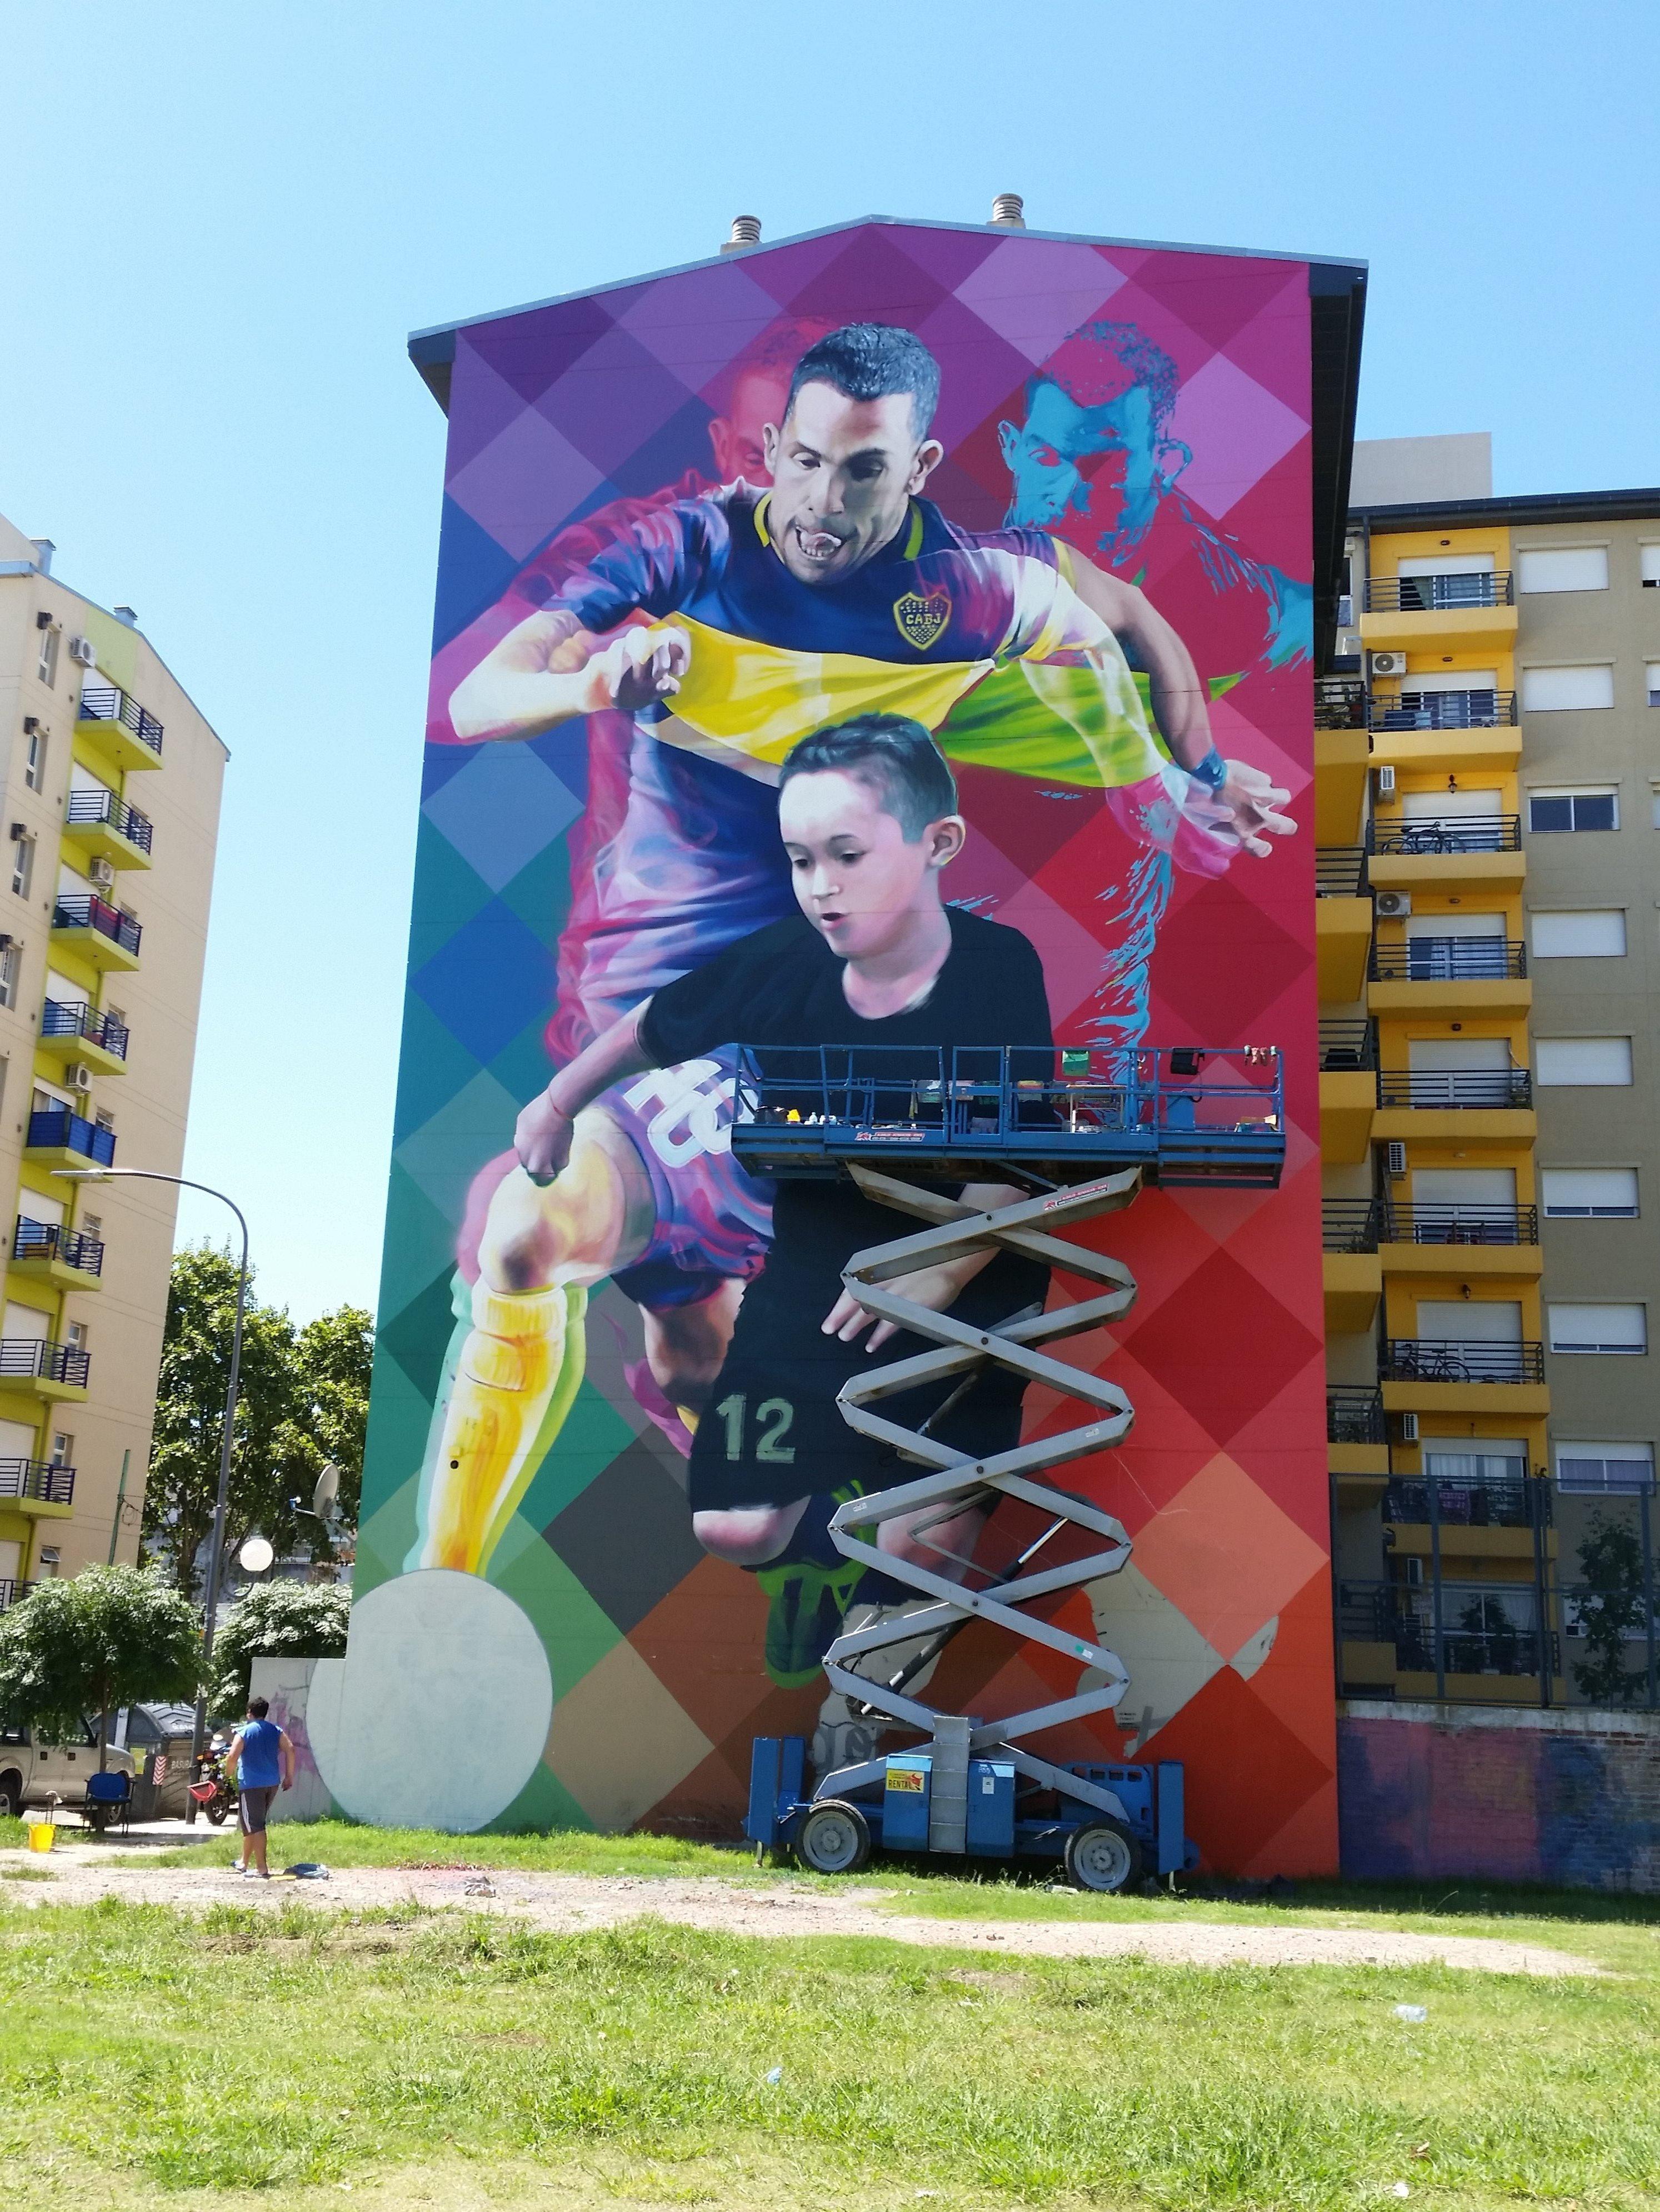 A mural of Carlos Tevez near Boca Juniors El Bombonero stadium in Buenos Aires